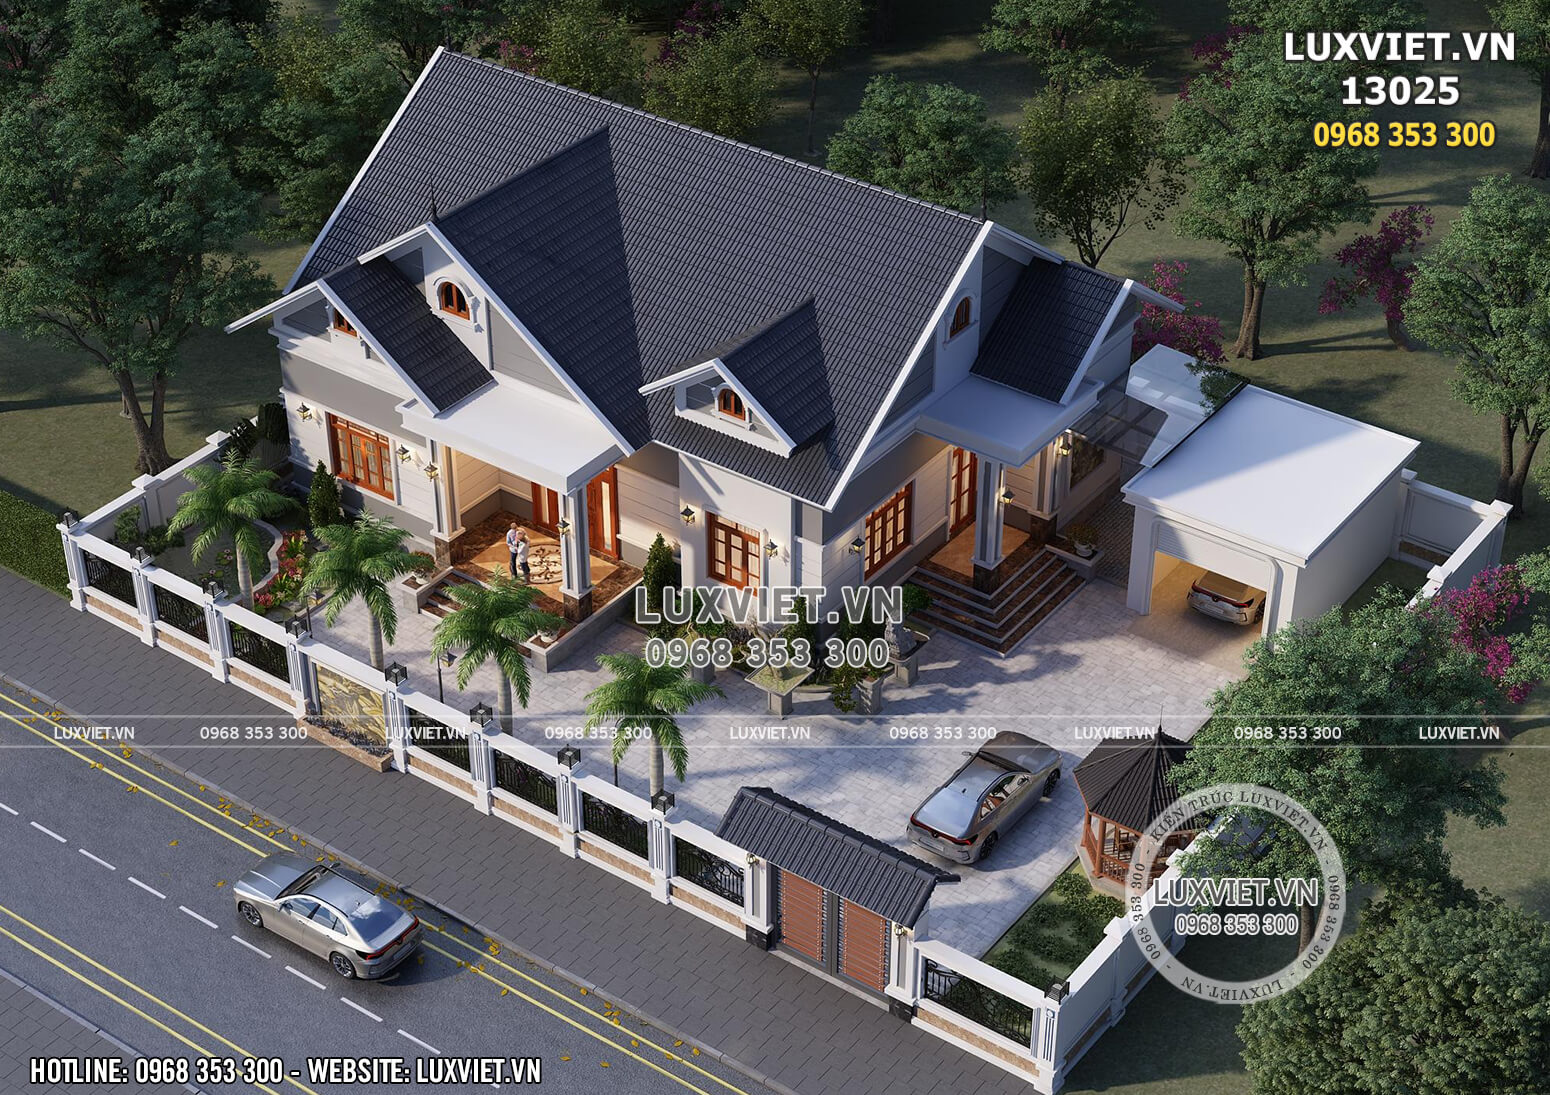 Hình ảnh: Không gian sân vườn của mẫu nhà đẹp - LV 13025